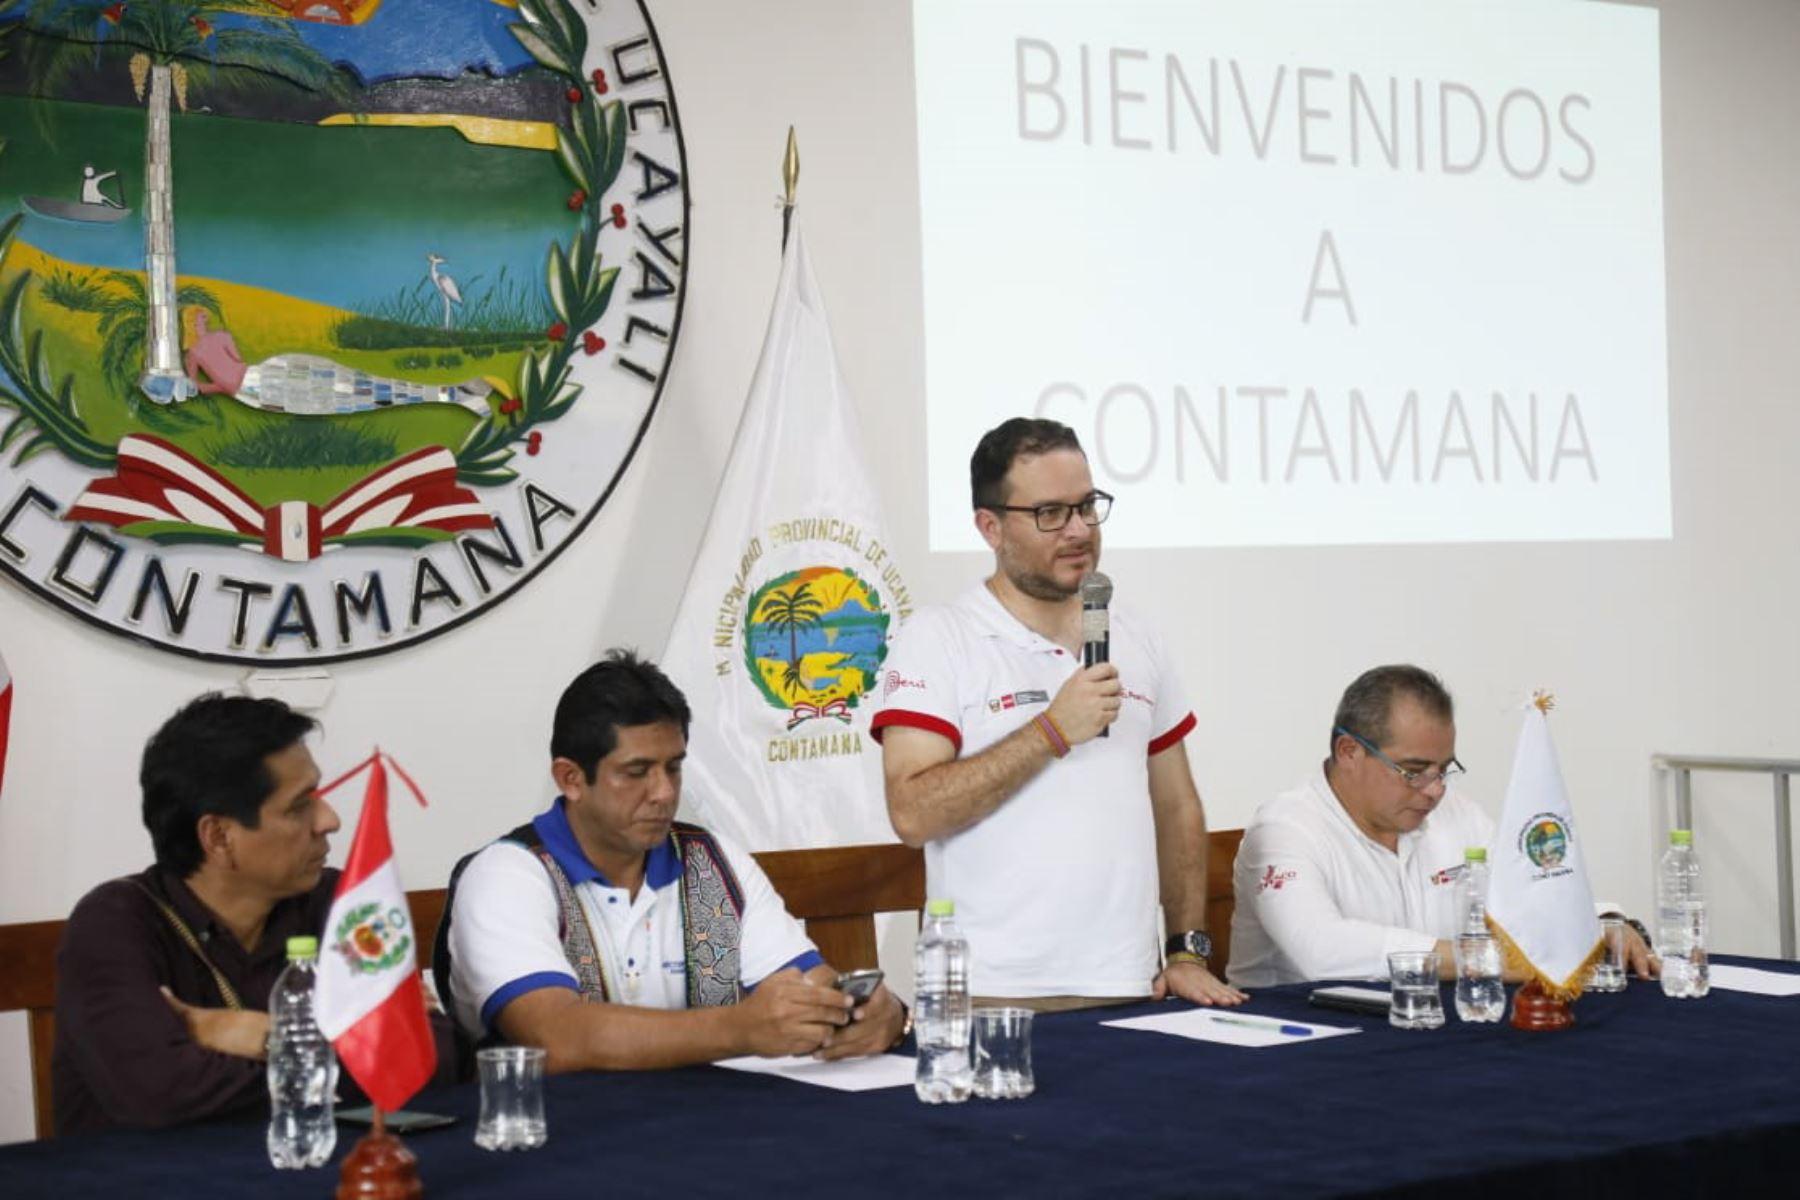 Ministro de Comercio Exterior y Turismo, Edgar Vásquez, sostuvo que se trabaja con el Gobierno Regional de Loreto, la Municipalidad de Contamana y el sector privado de Contamana para posicionar a esta ciudad como un destino turístico de referencia en la Amazonía peruana.